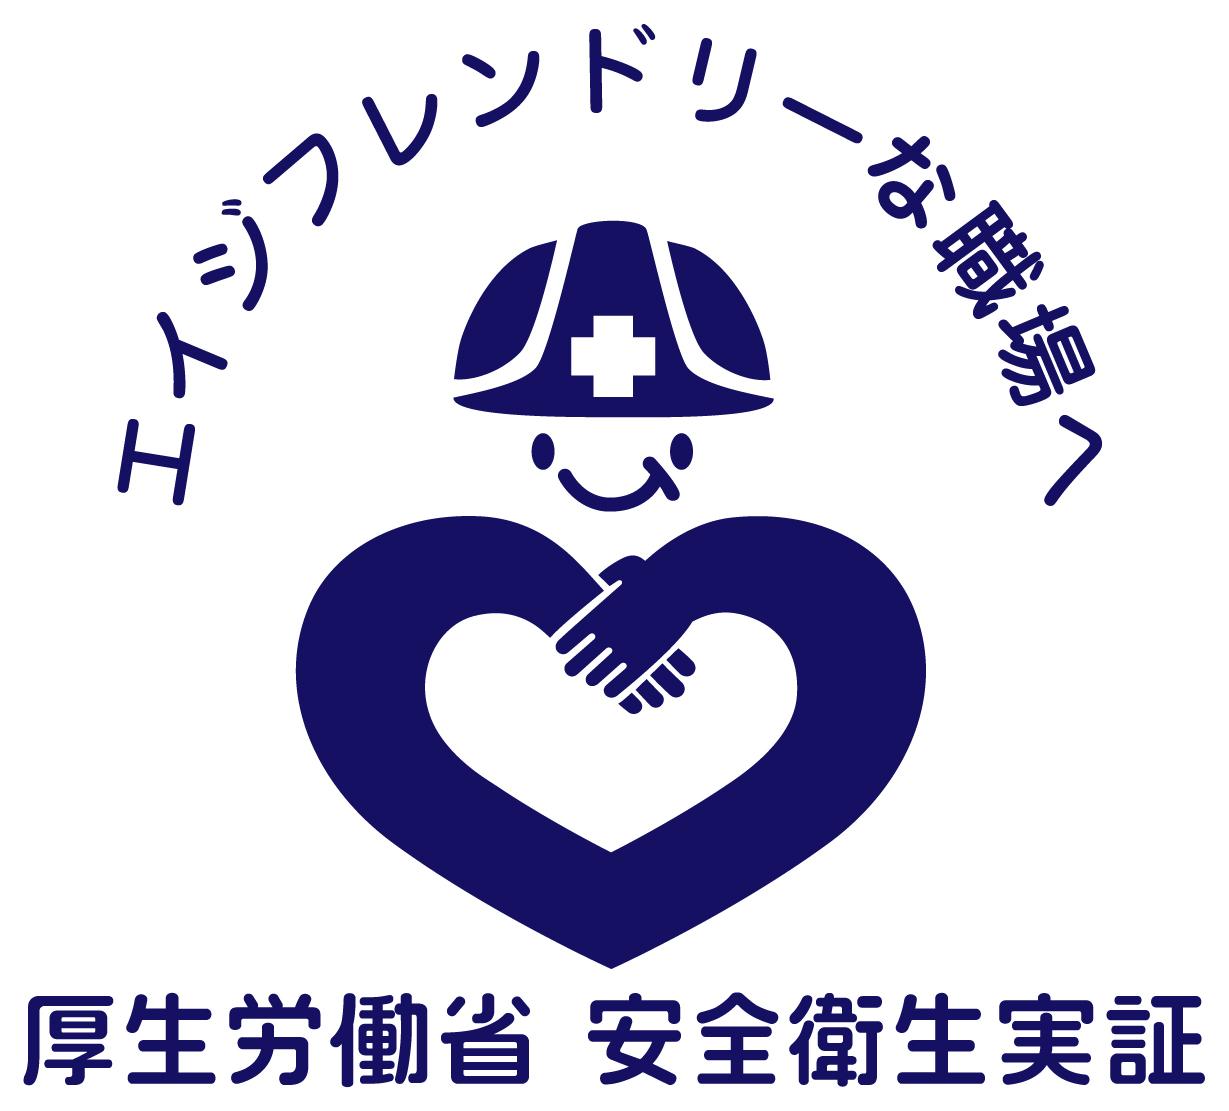 厚生労働省から交付されたロゴマーク